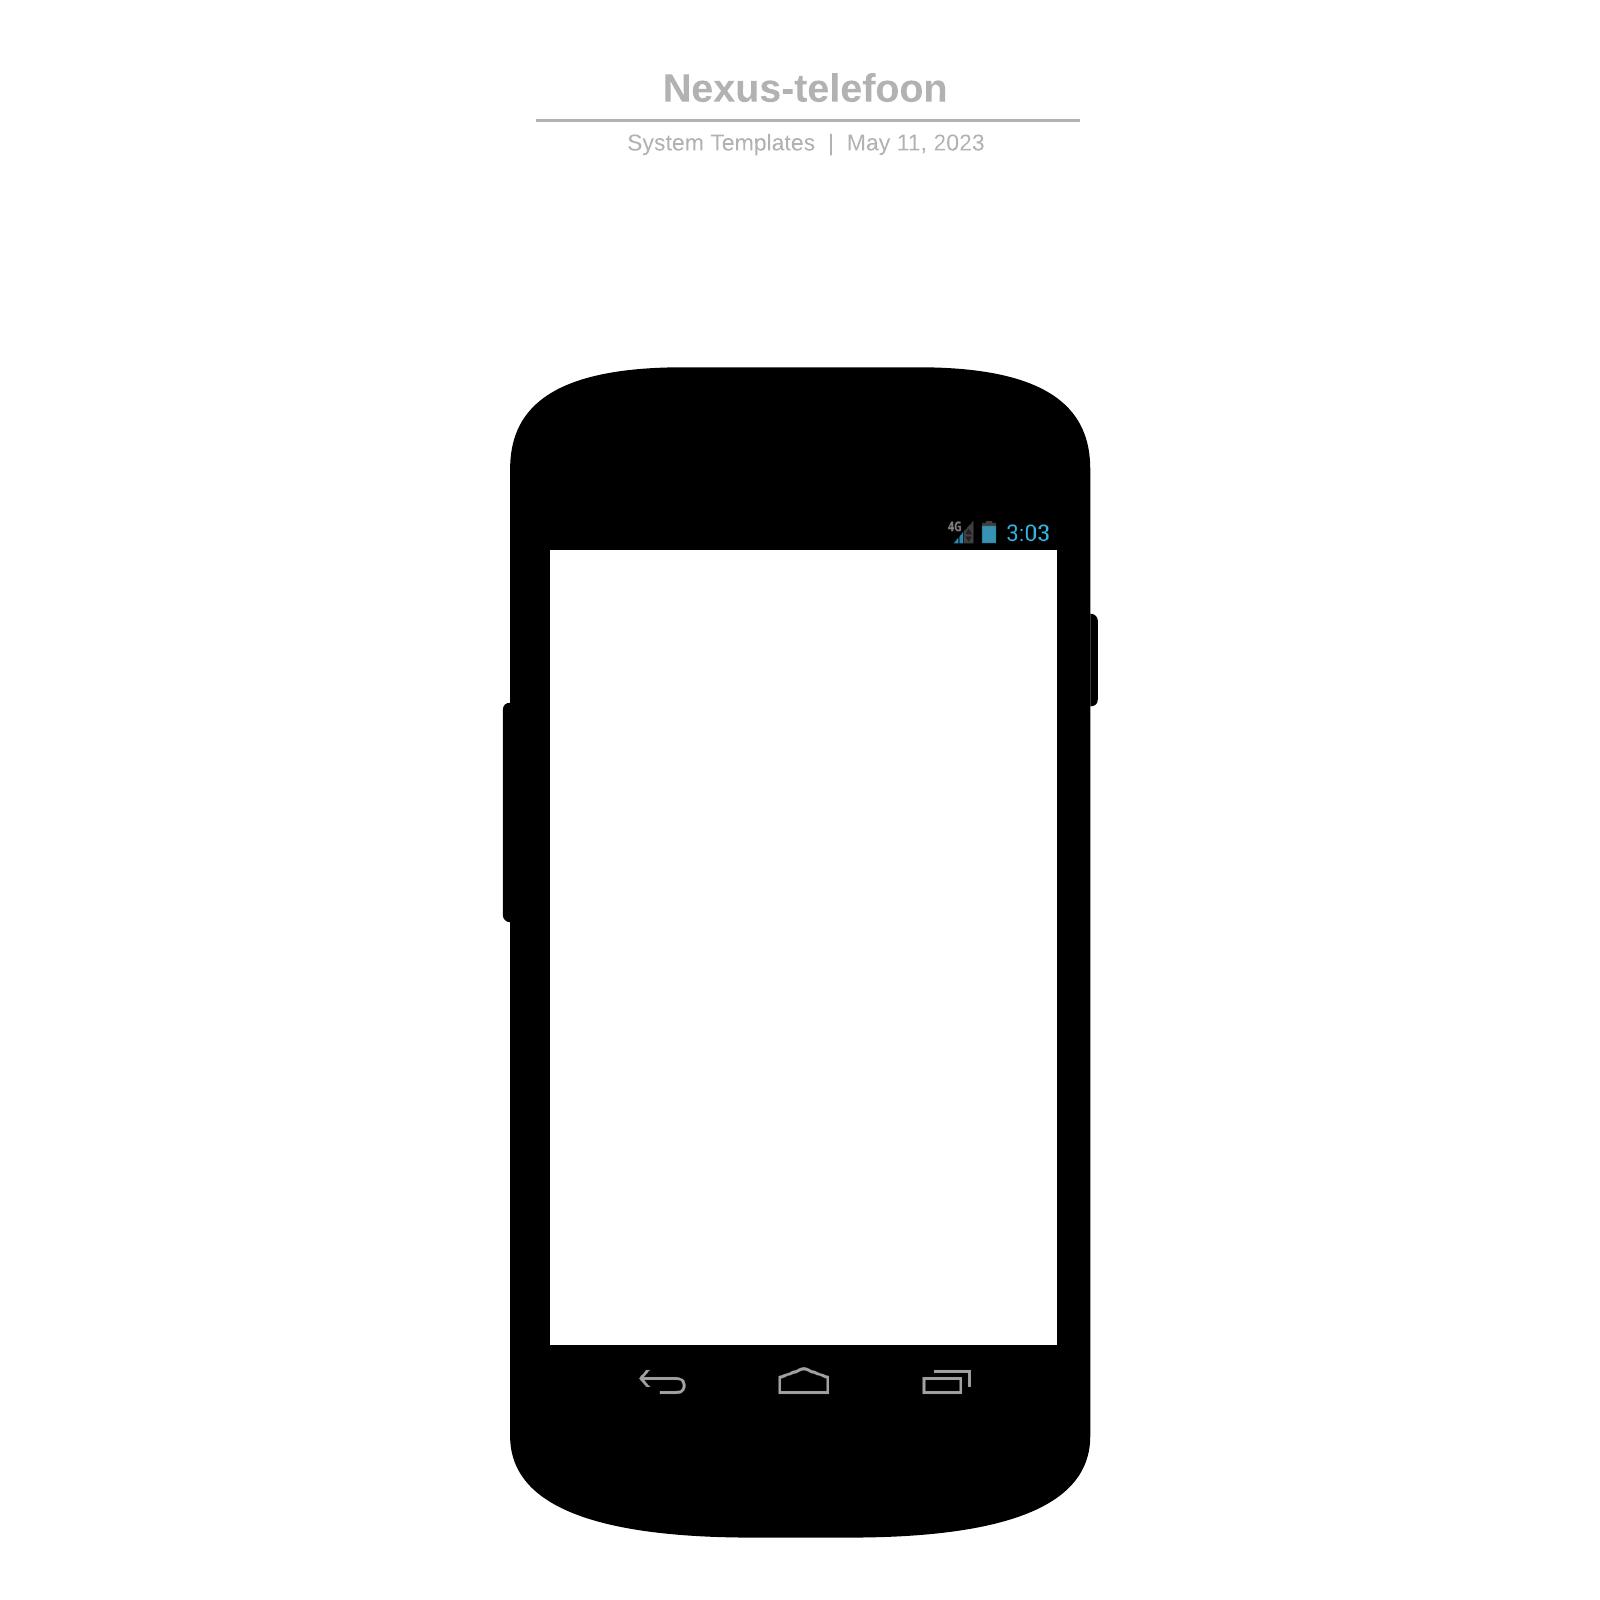 Nexus-telefoon